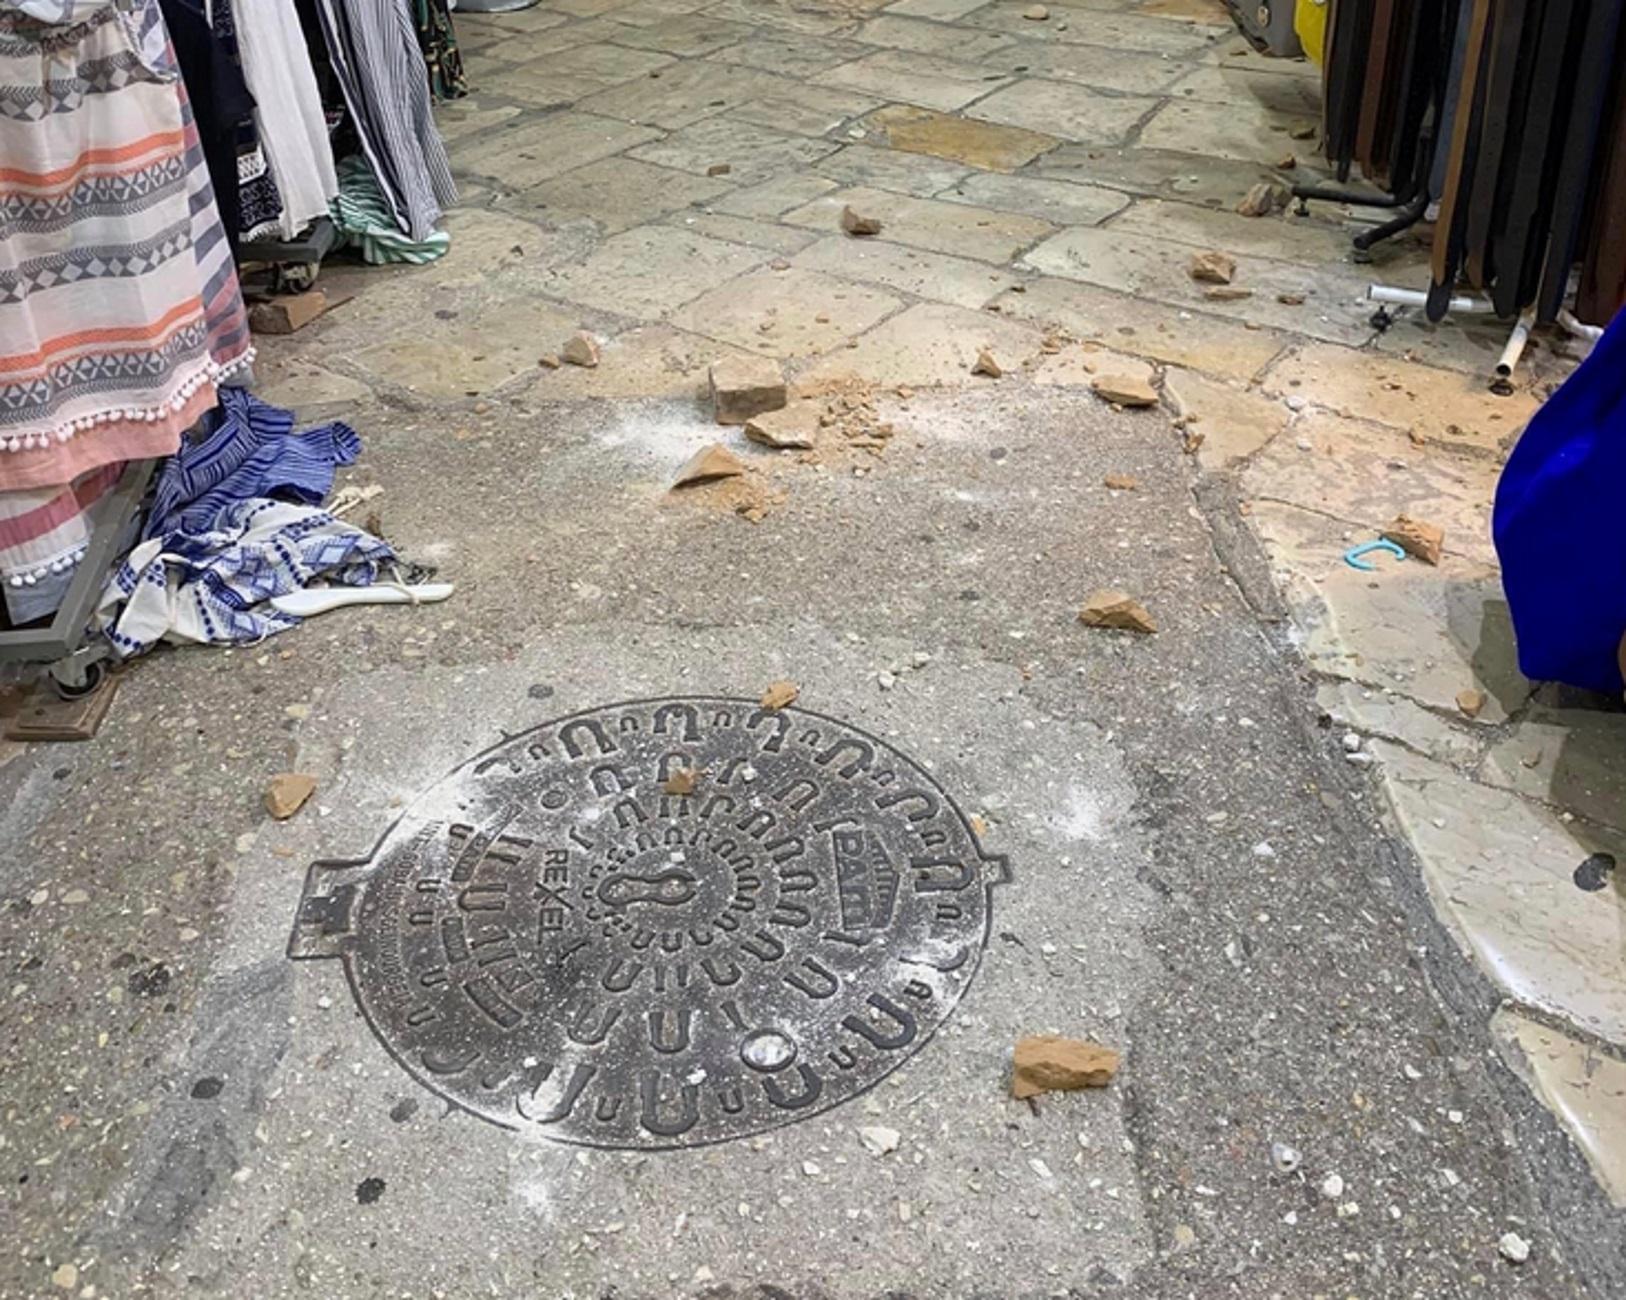 Κέρκυρα: Τρόμος στα καλά καθούμενα – Έπεσαν τούβλα από πολυκατοικία μπροστά τους